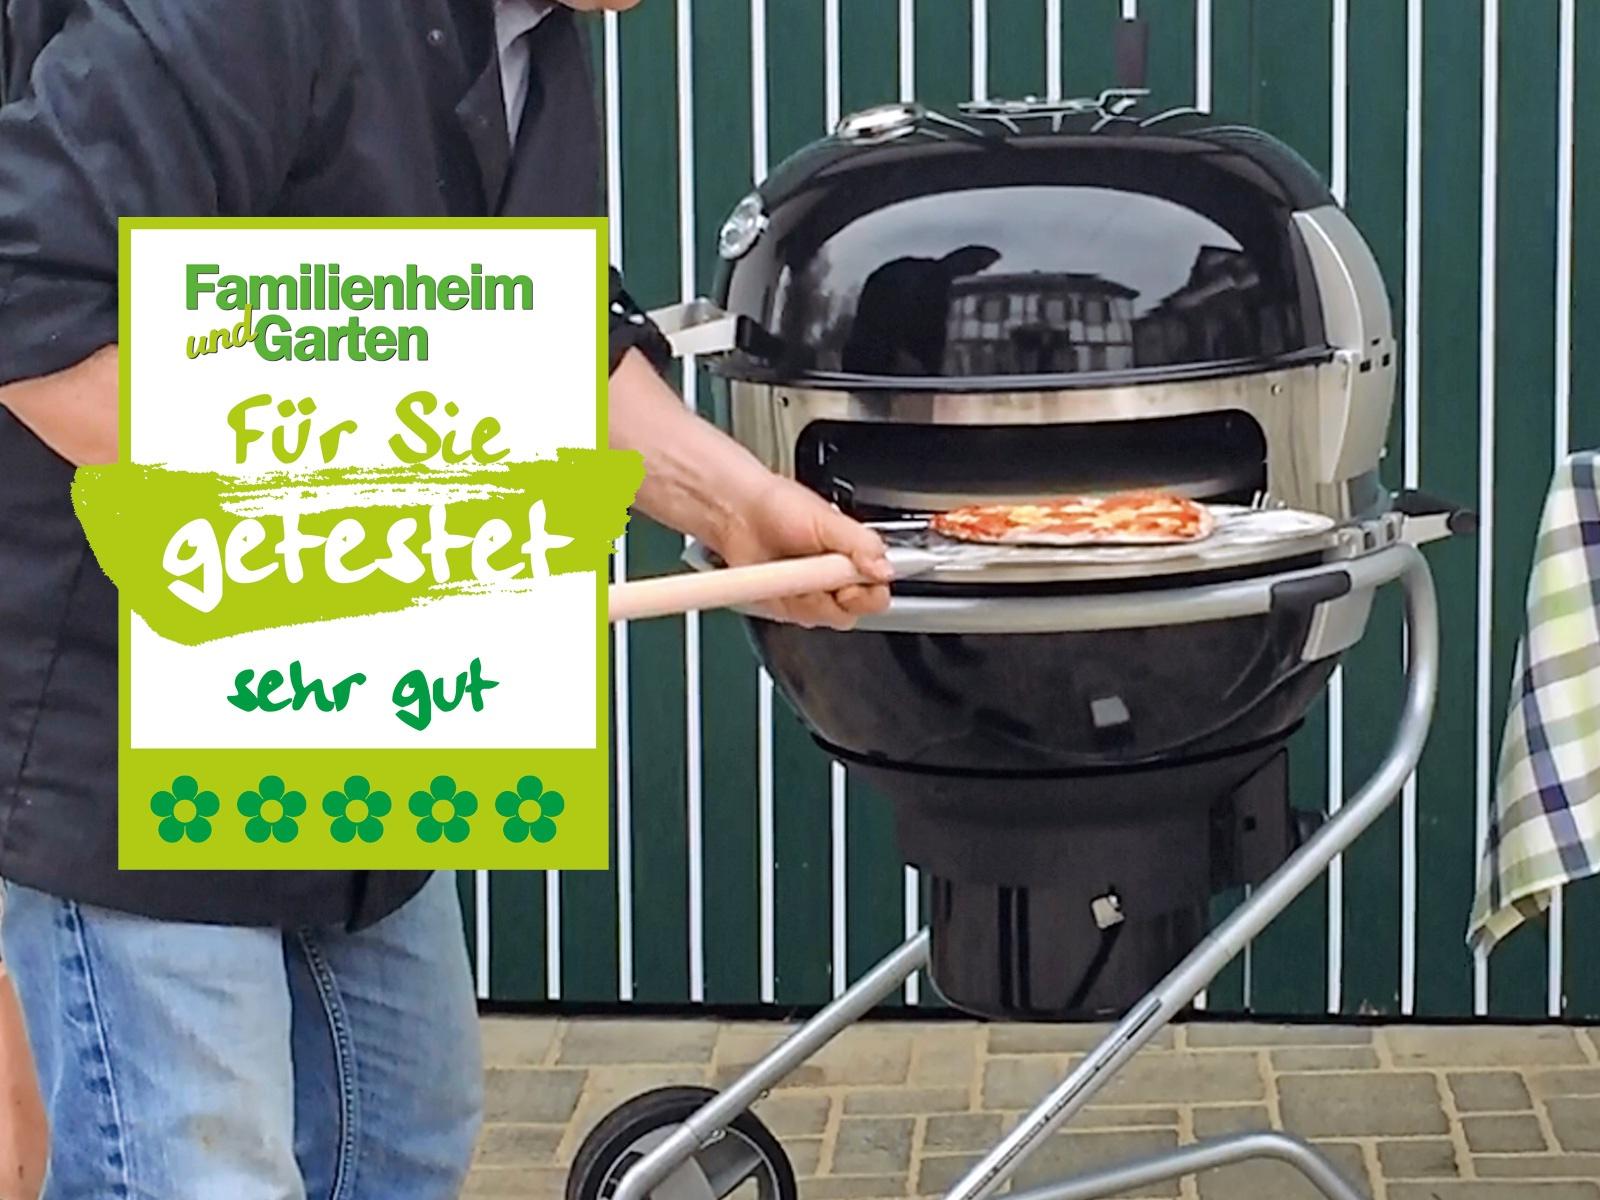 Pizzastein Für Gasgrill Landmann : Pellets zum grillen? oh ja mai 2016 familienheim und garten